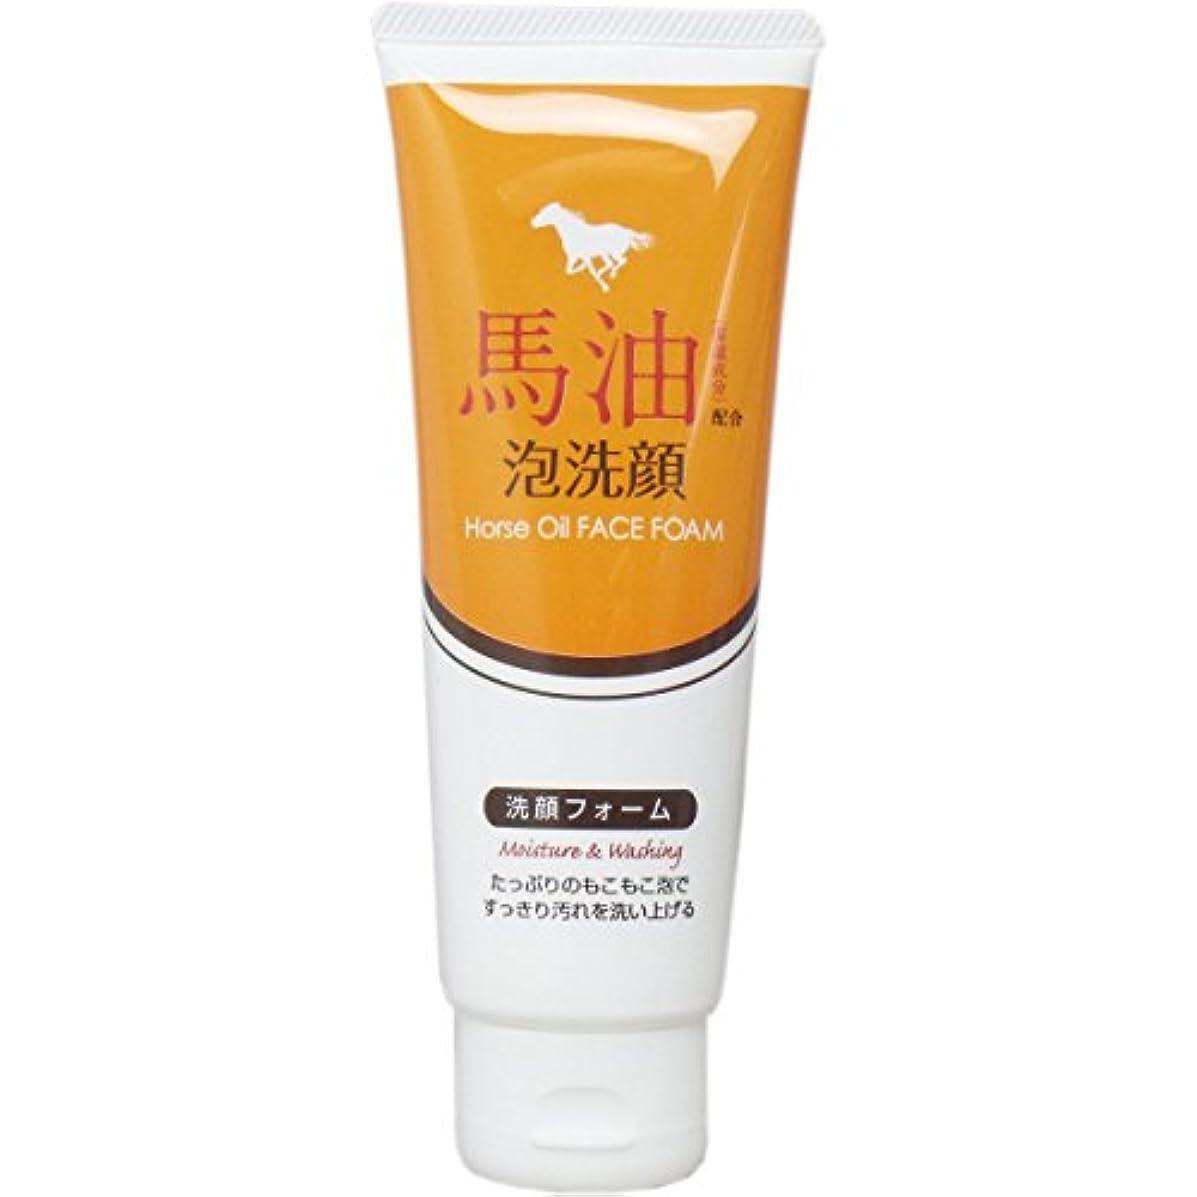 マークダウンストレスの多い空馬油配合泡洗顔 洗顔フォーム 130g